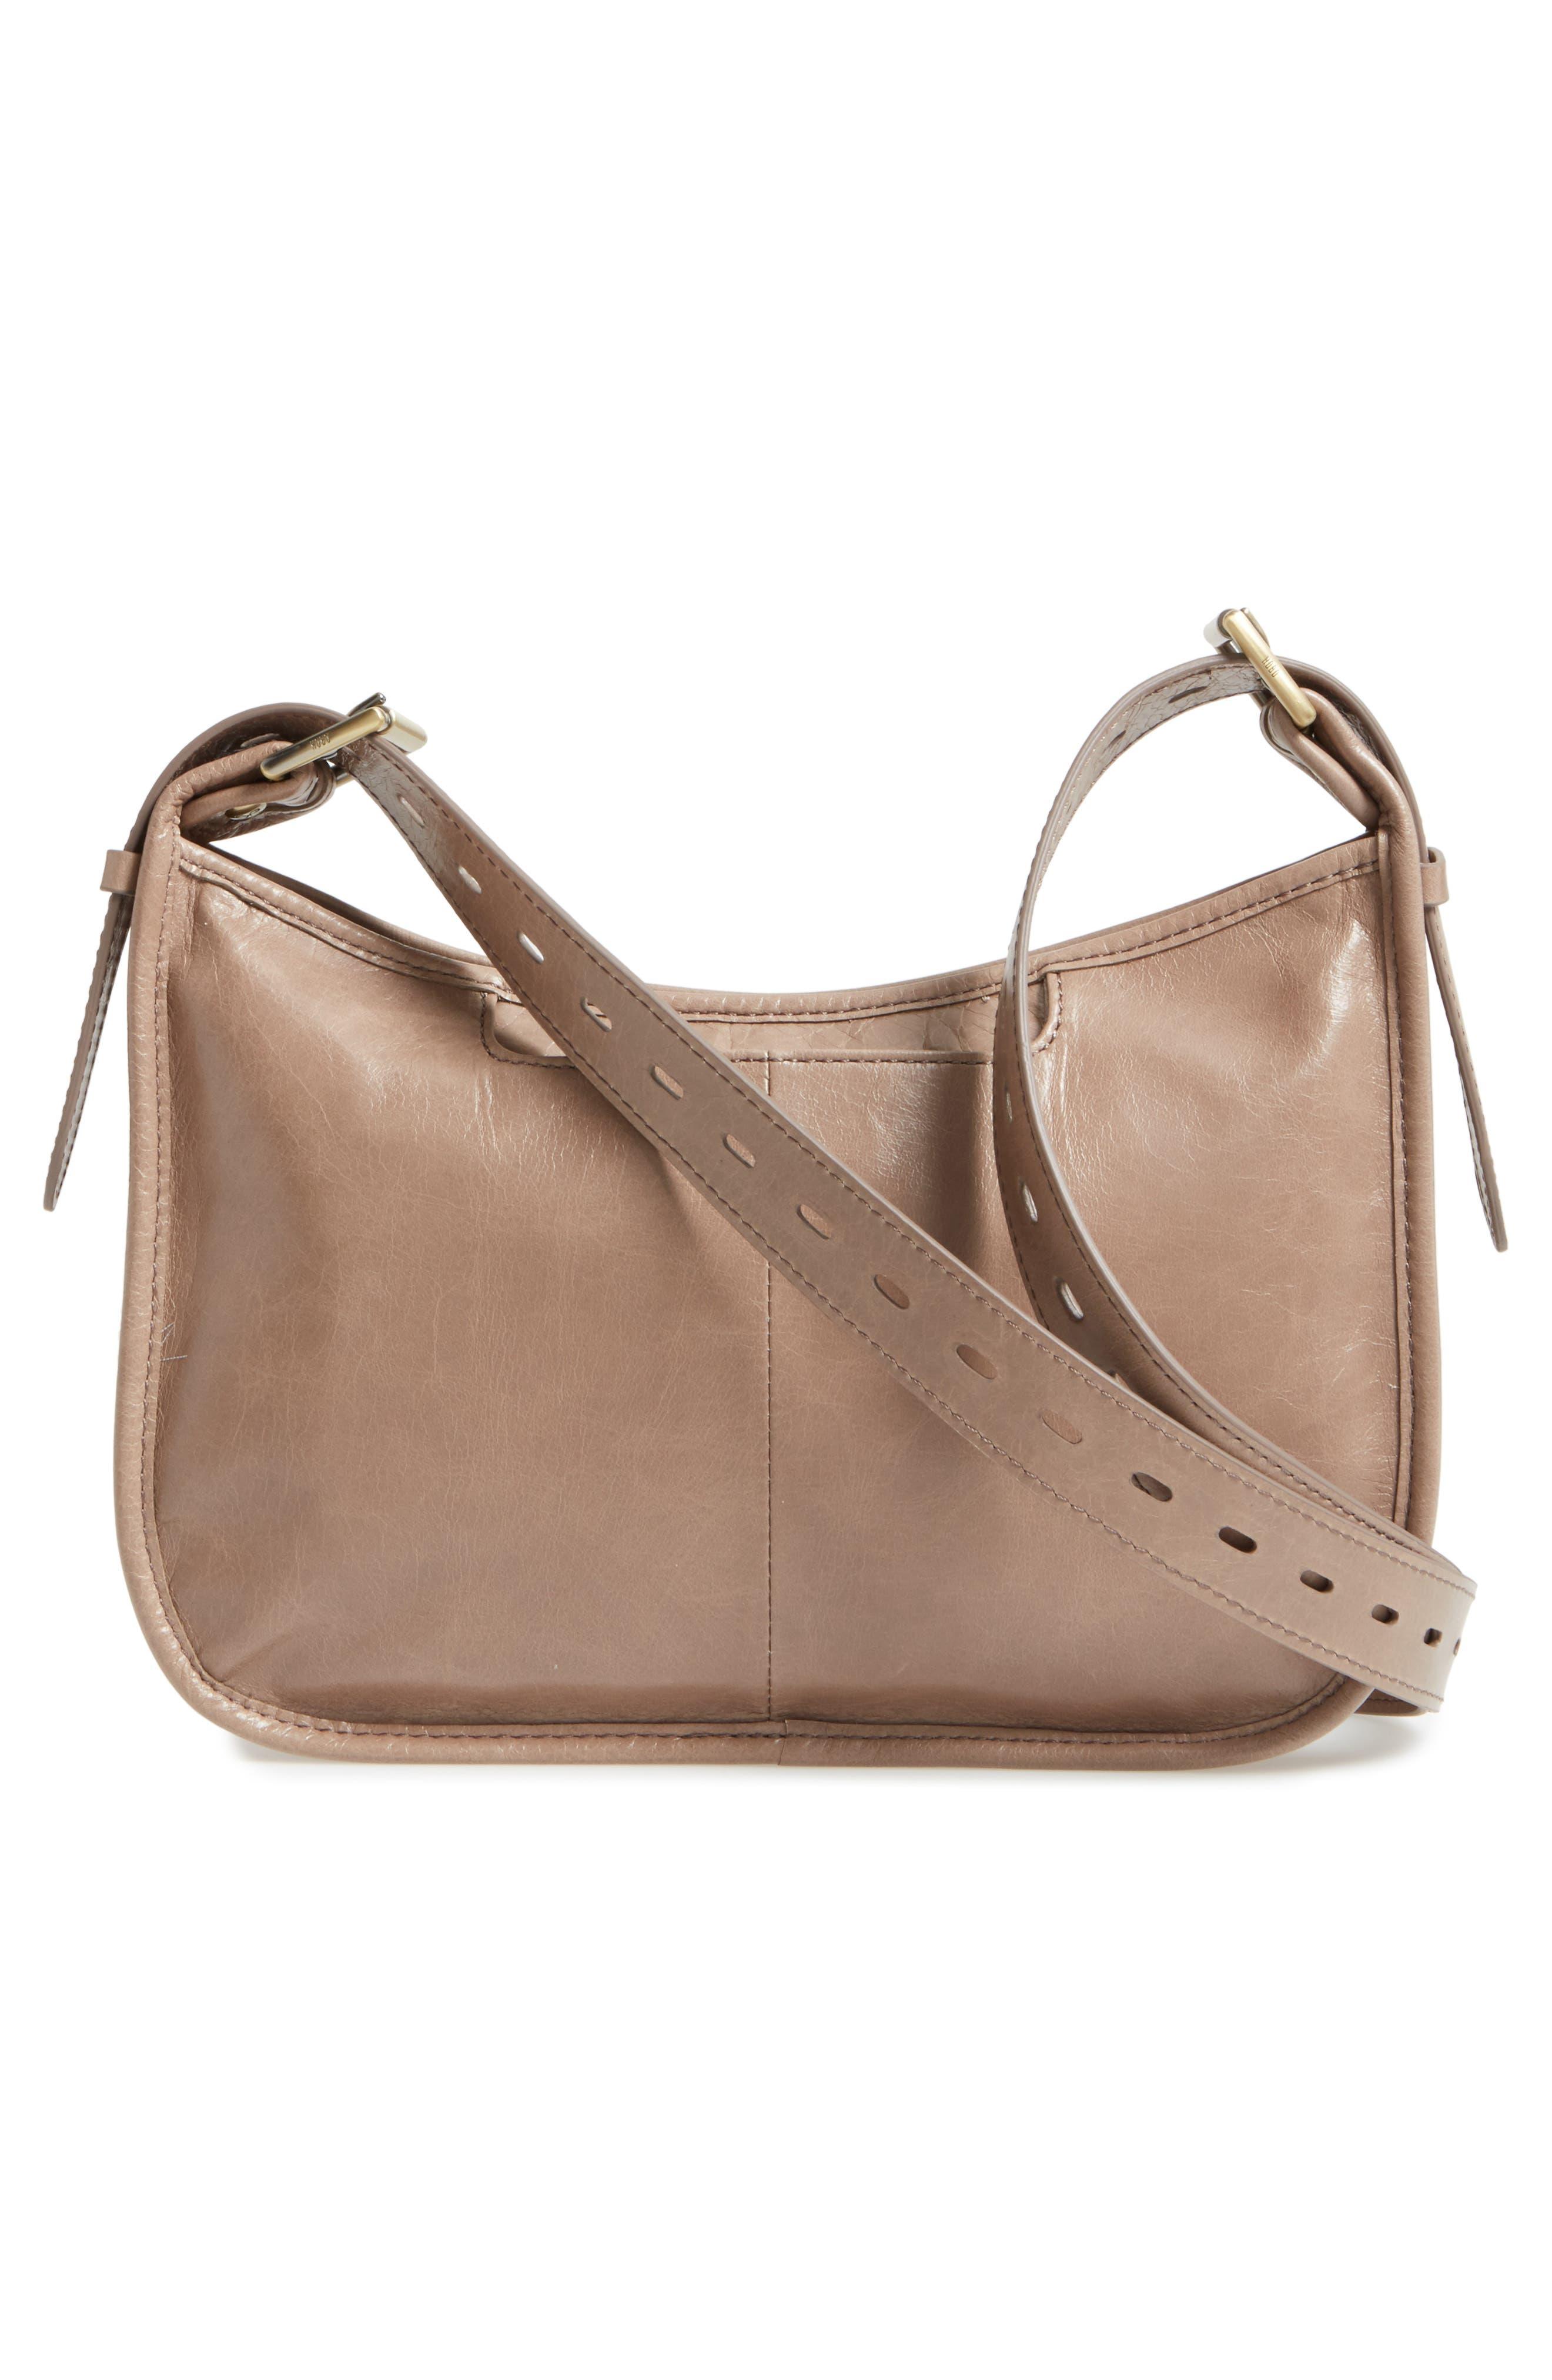 Alternate Image 2  - Hobo Chase Calfskin Leather Crossbody Bag